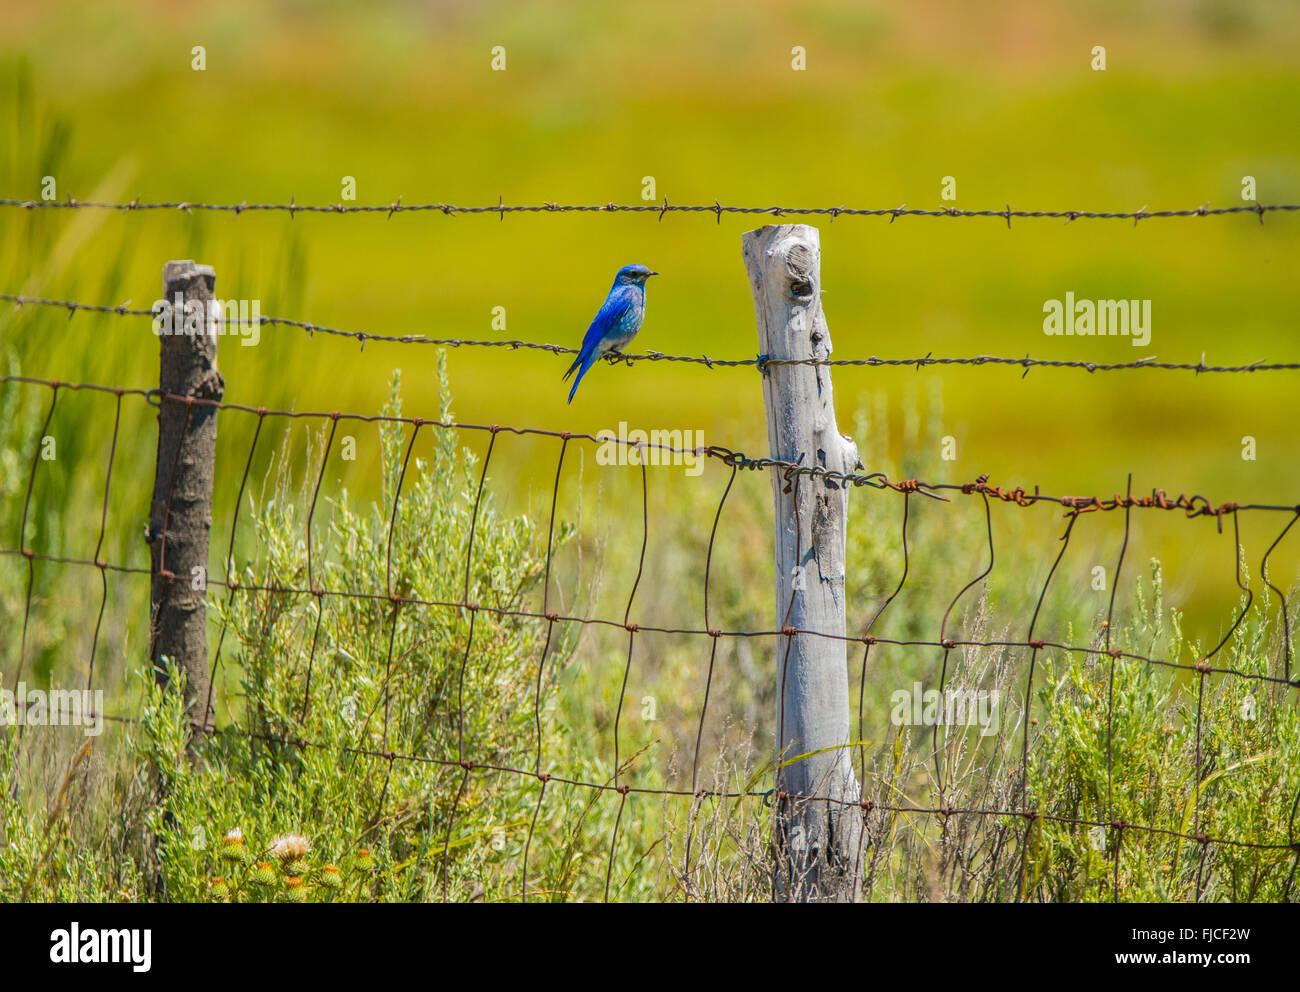 Las aves, la Montaña Azul pájaro posado en una valla. Las aves del Estado de Idaho, Idaho, EE.UU. Imagen De Stock